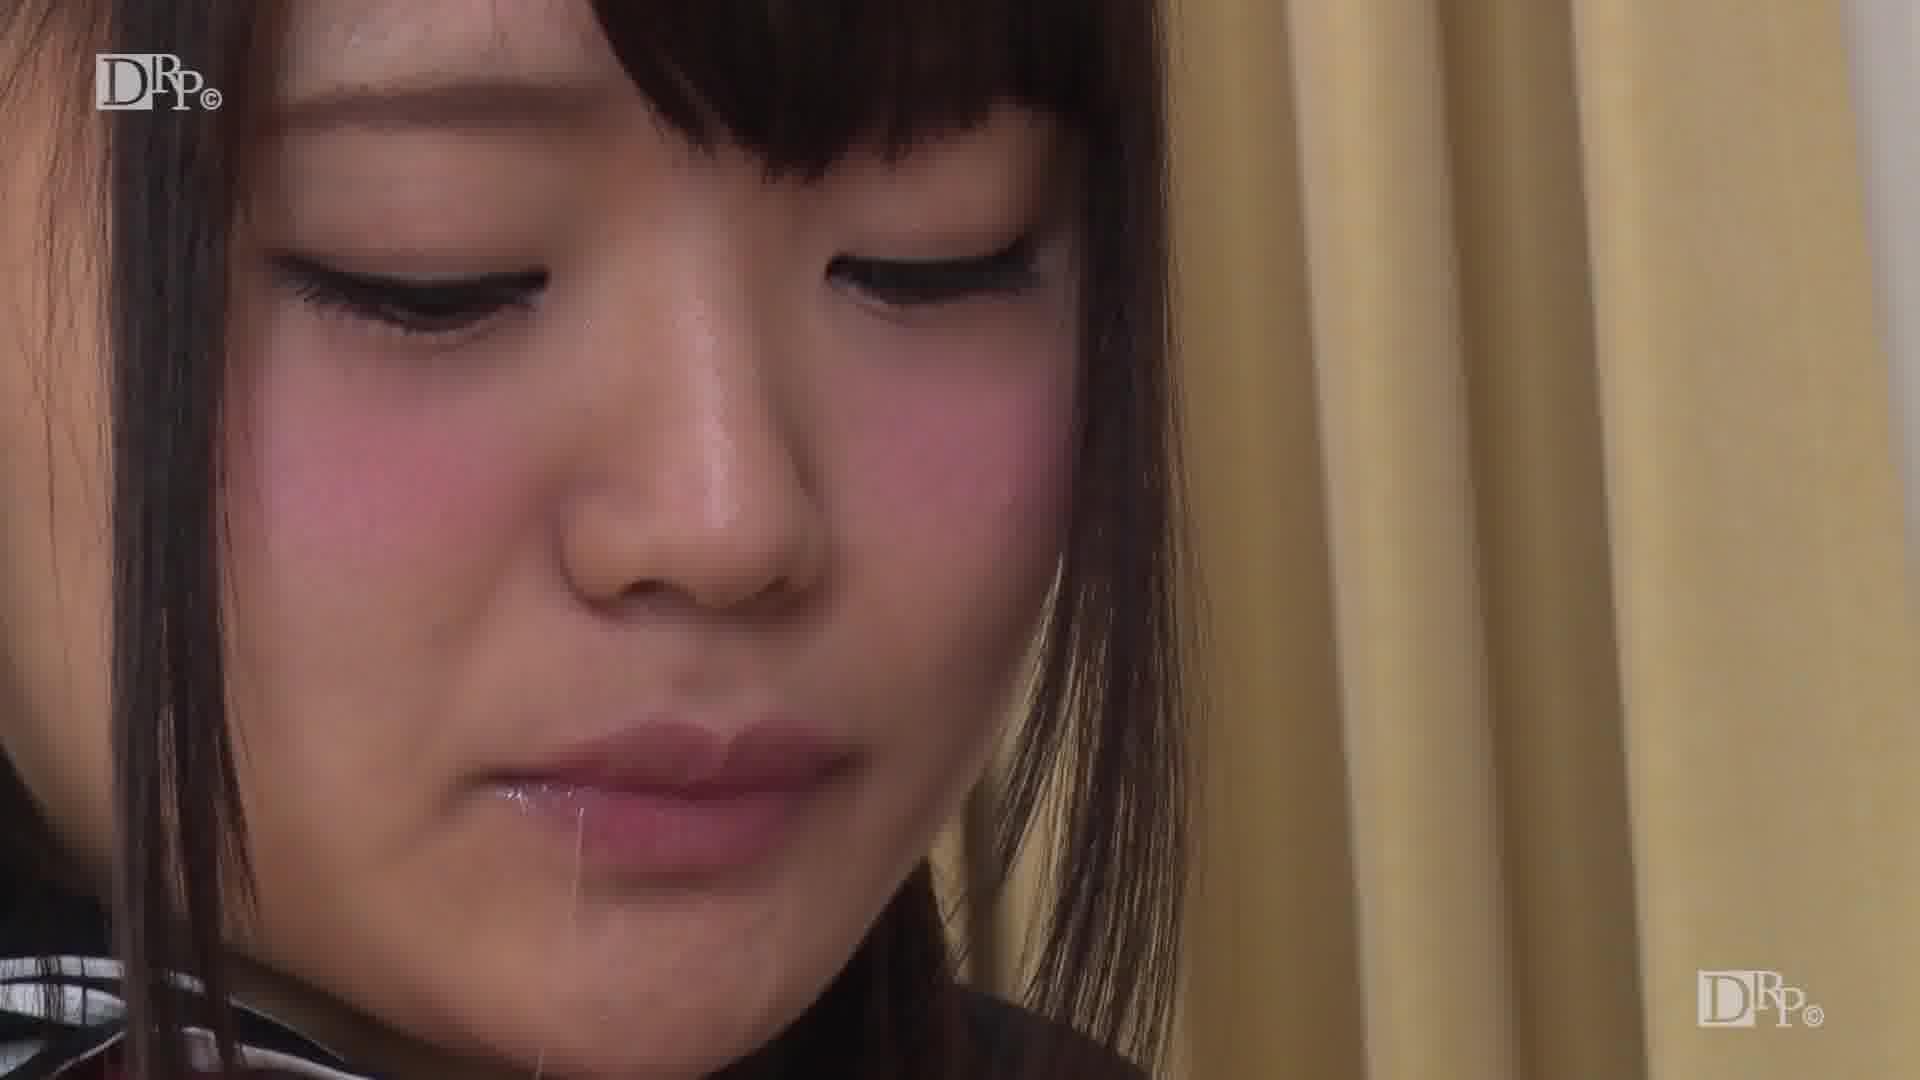 放課後に、仕込んでください ~そんなに観られると恥ずかしい~ - 鈴木理沙【美乳・制服・潮吹き】